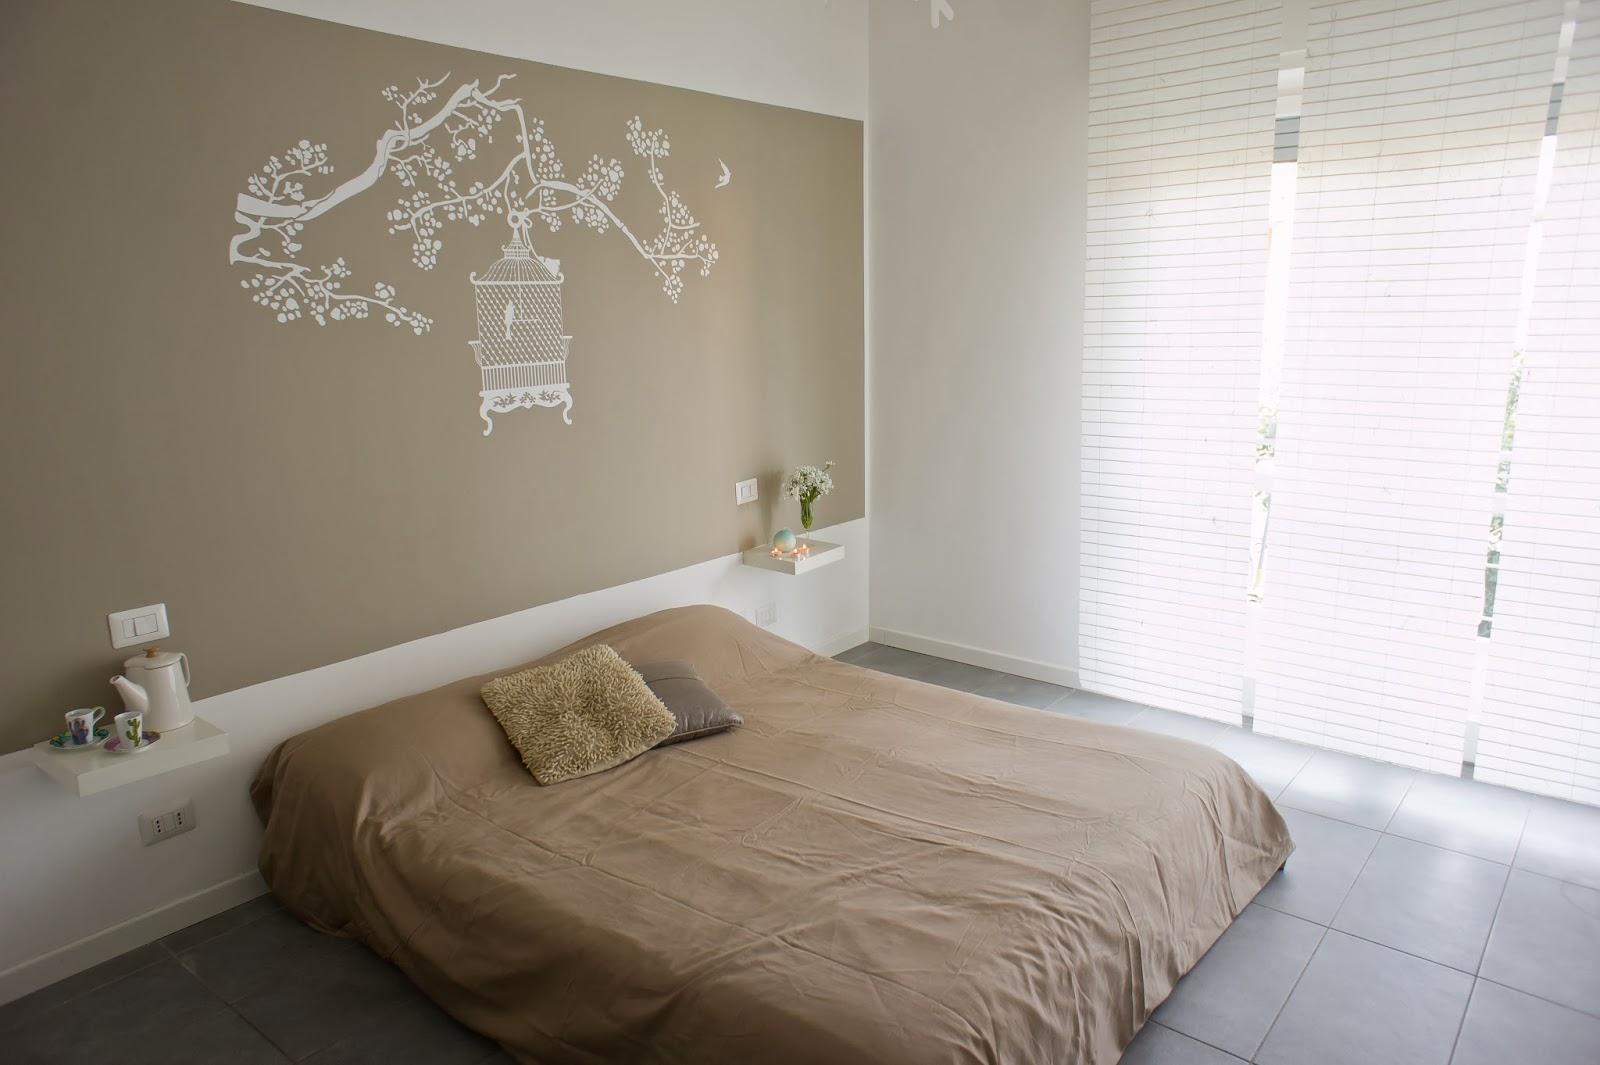 Ea ristruttura appartamento ristrutturato da noi camera - Cornici per camere da letto ...